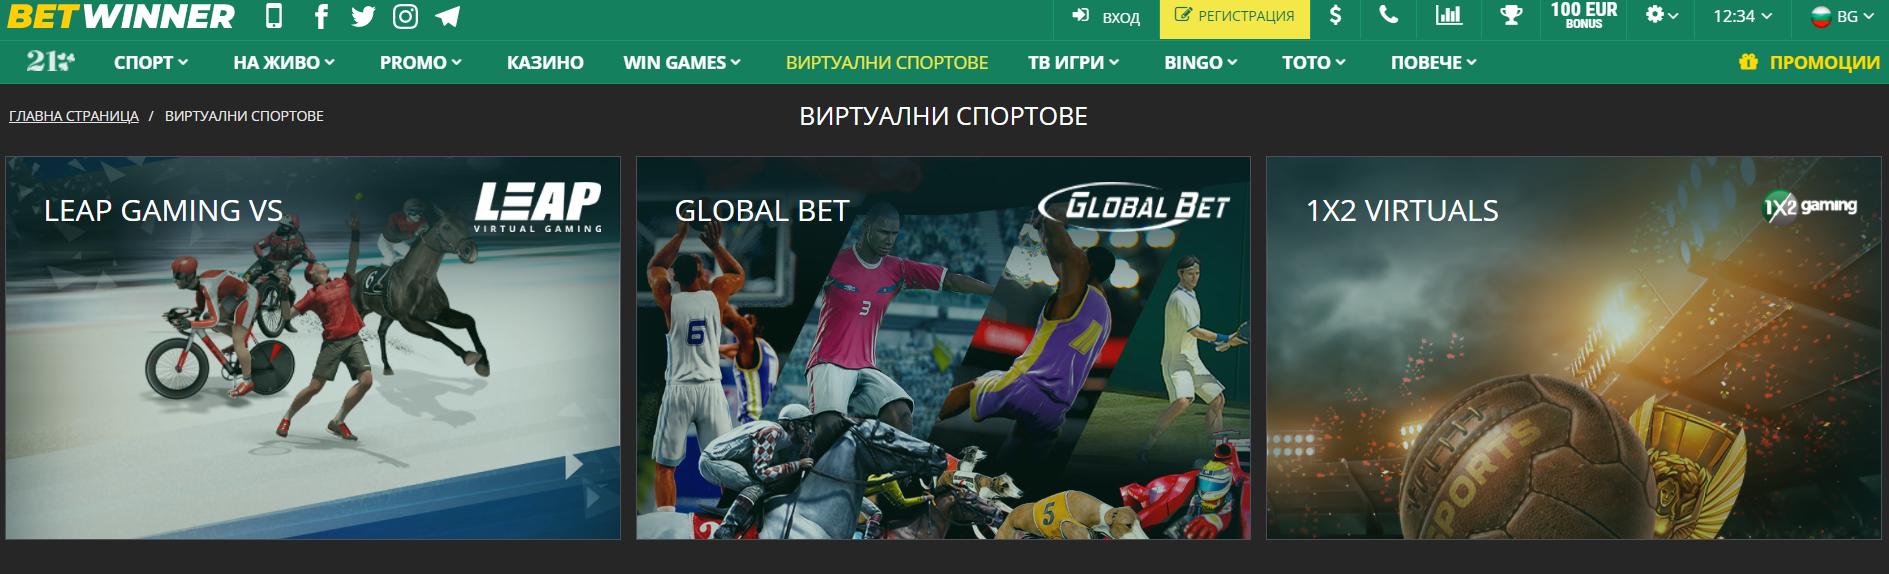 betwinner virtualni sportove-komarbet.com